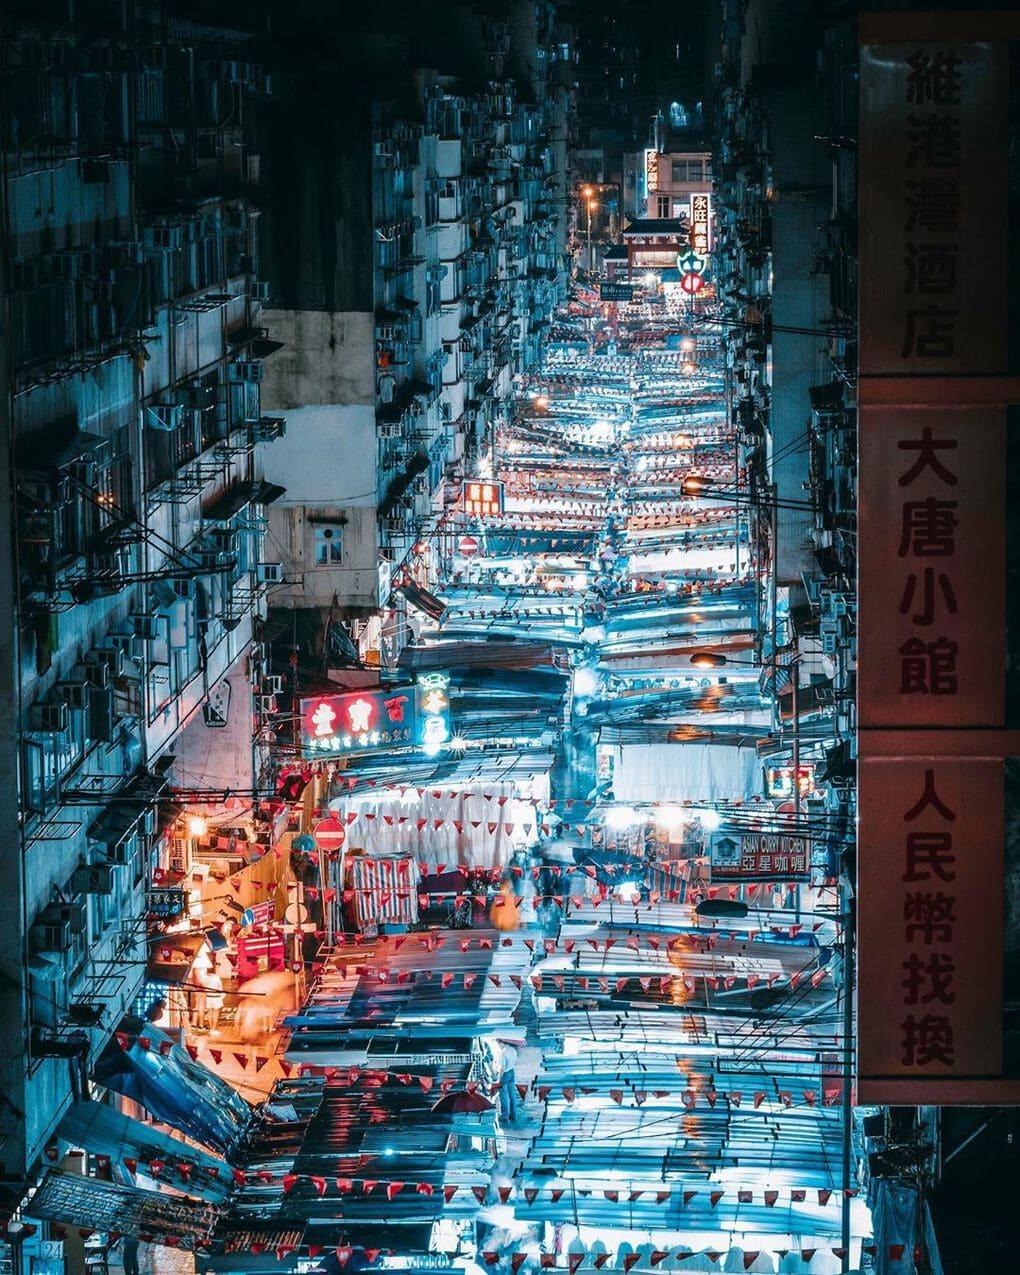 jungraphy 59559839 443239879579318 97876232781150157 n - 25 работ фотографа из Токио, которые погрузят вас в магическую атмосферу ночных японских улиц